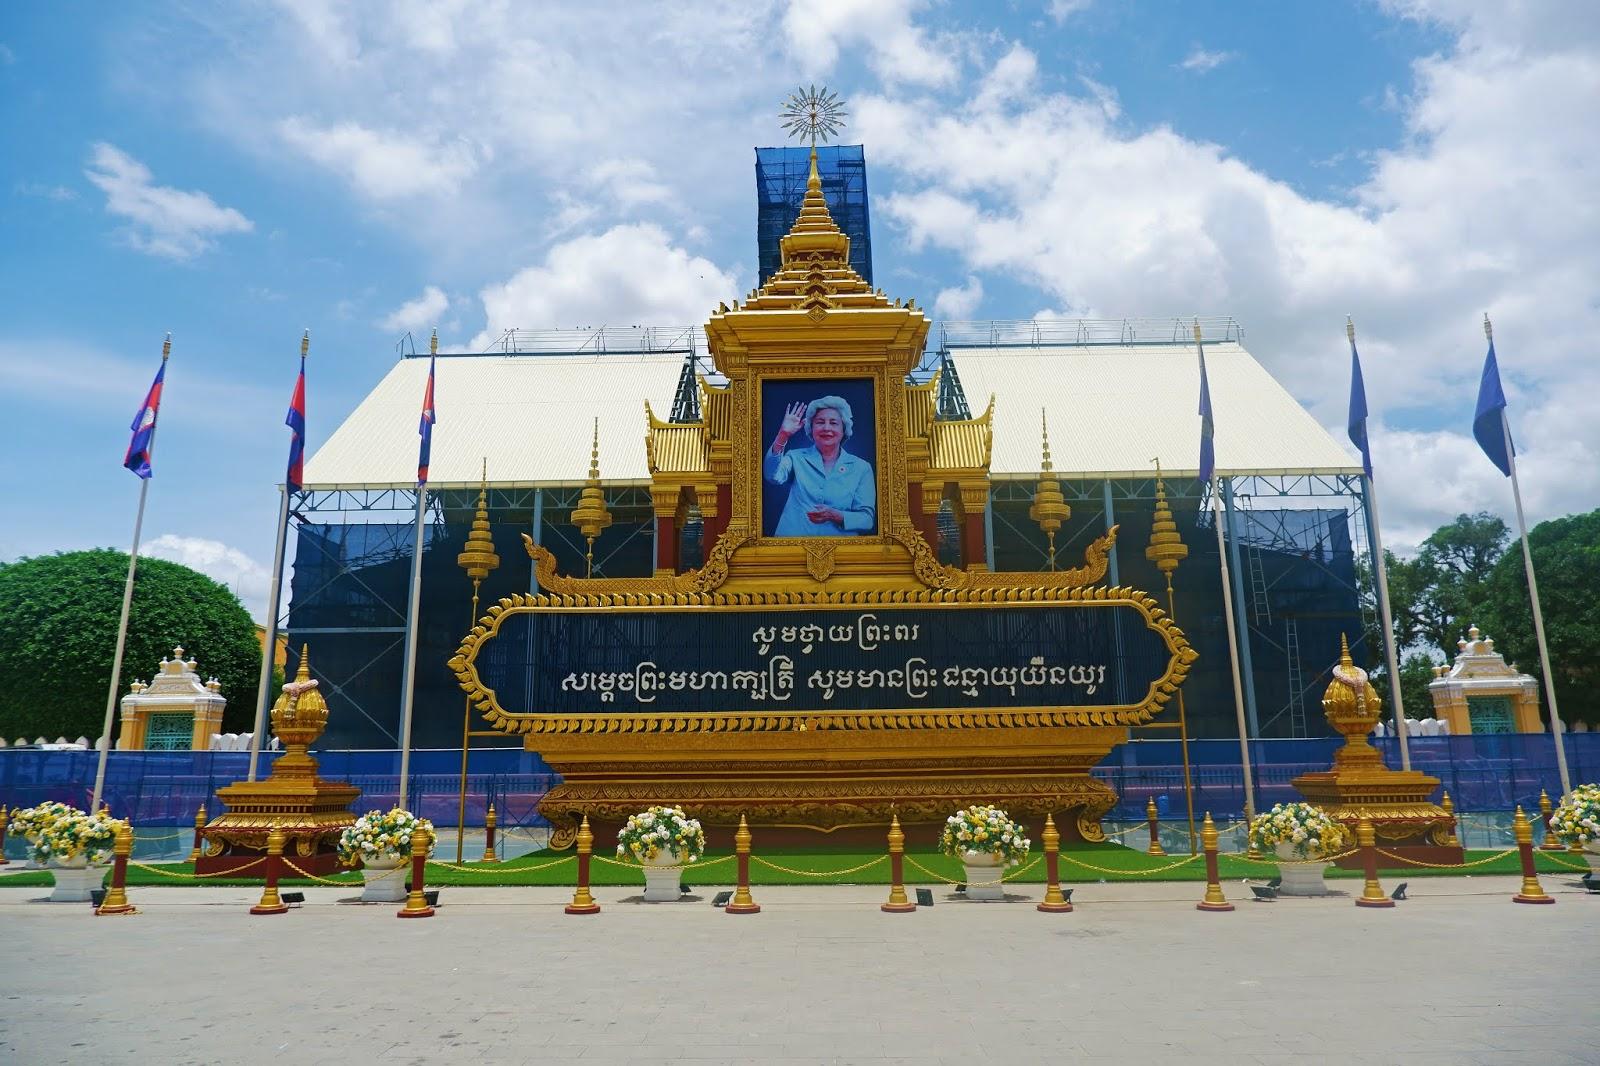 phnom penh park